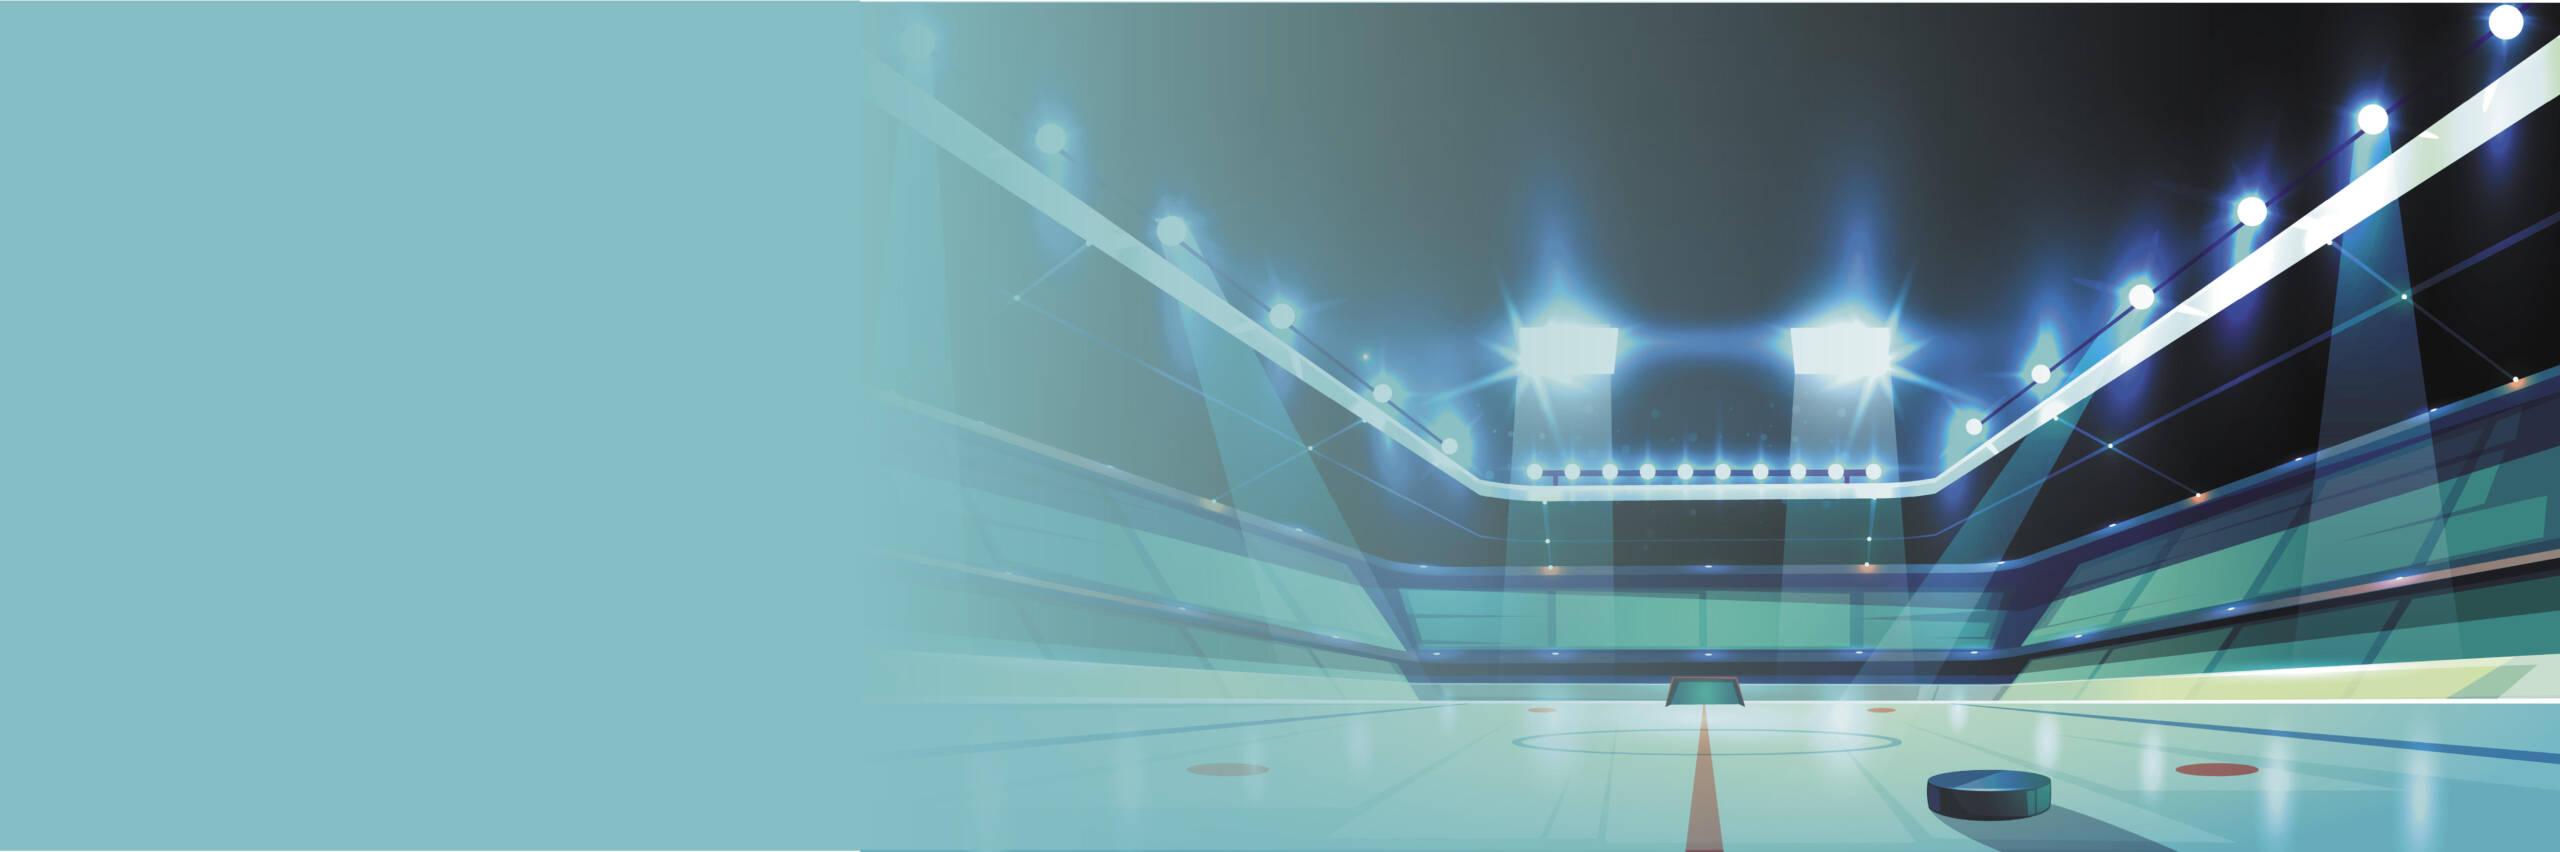 Bandeau web - CHUT! Ne dites pas aux gars que le hockey est un sport de filles